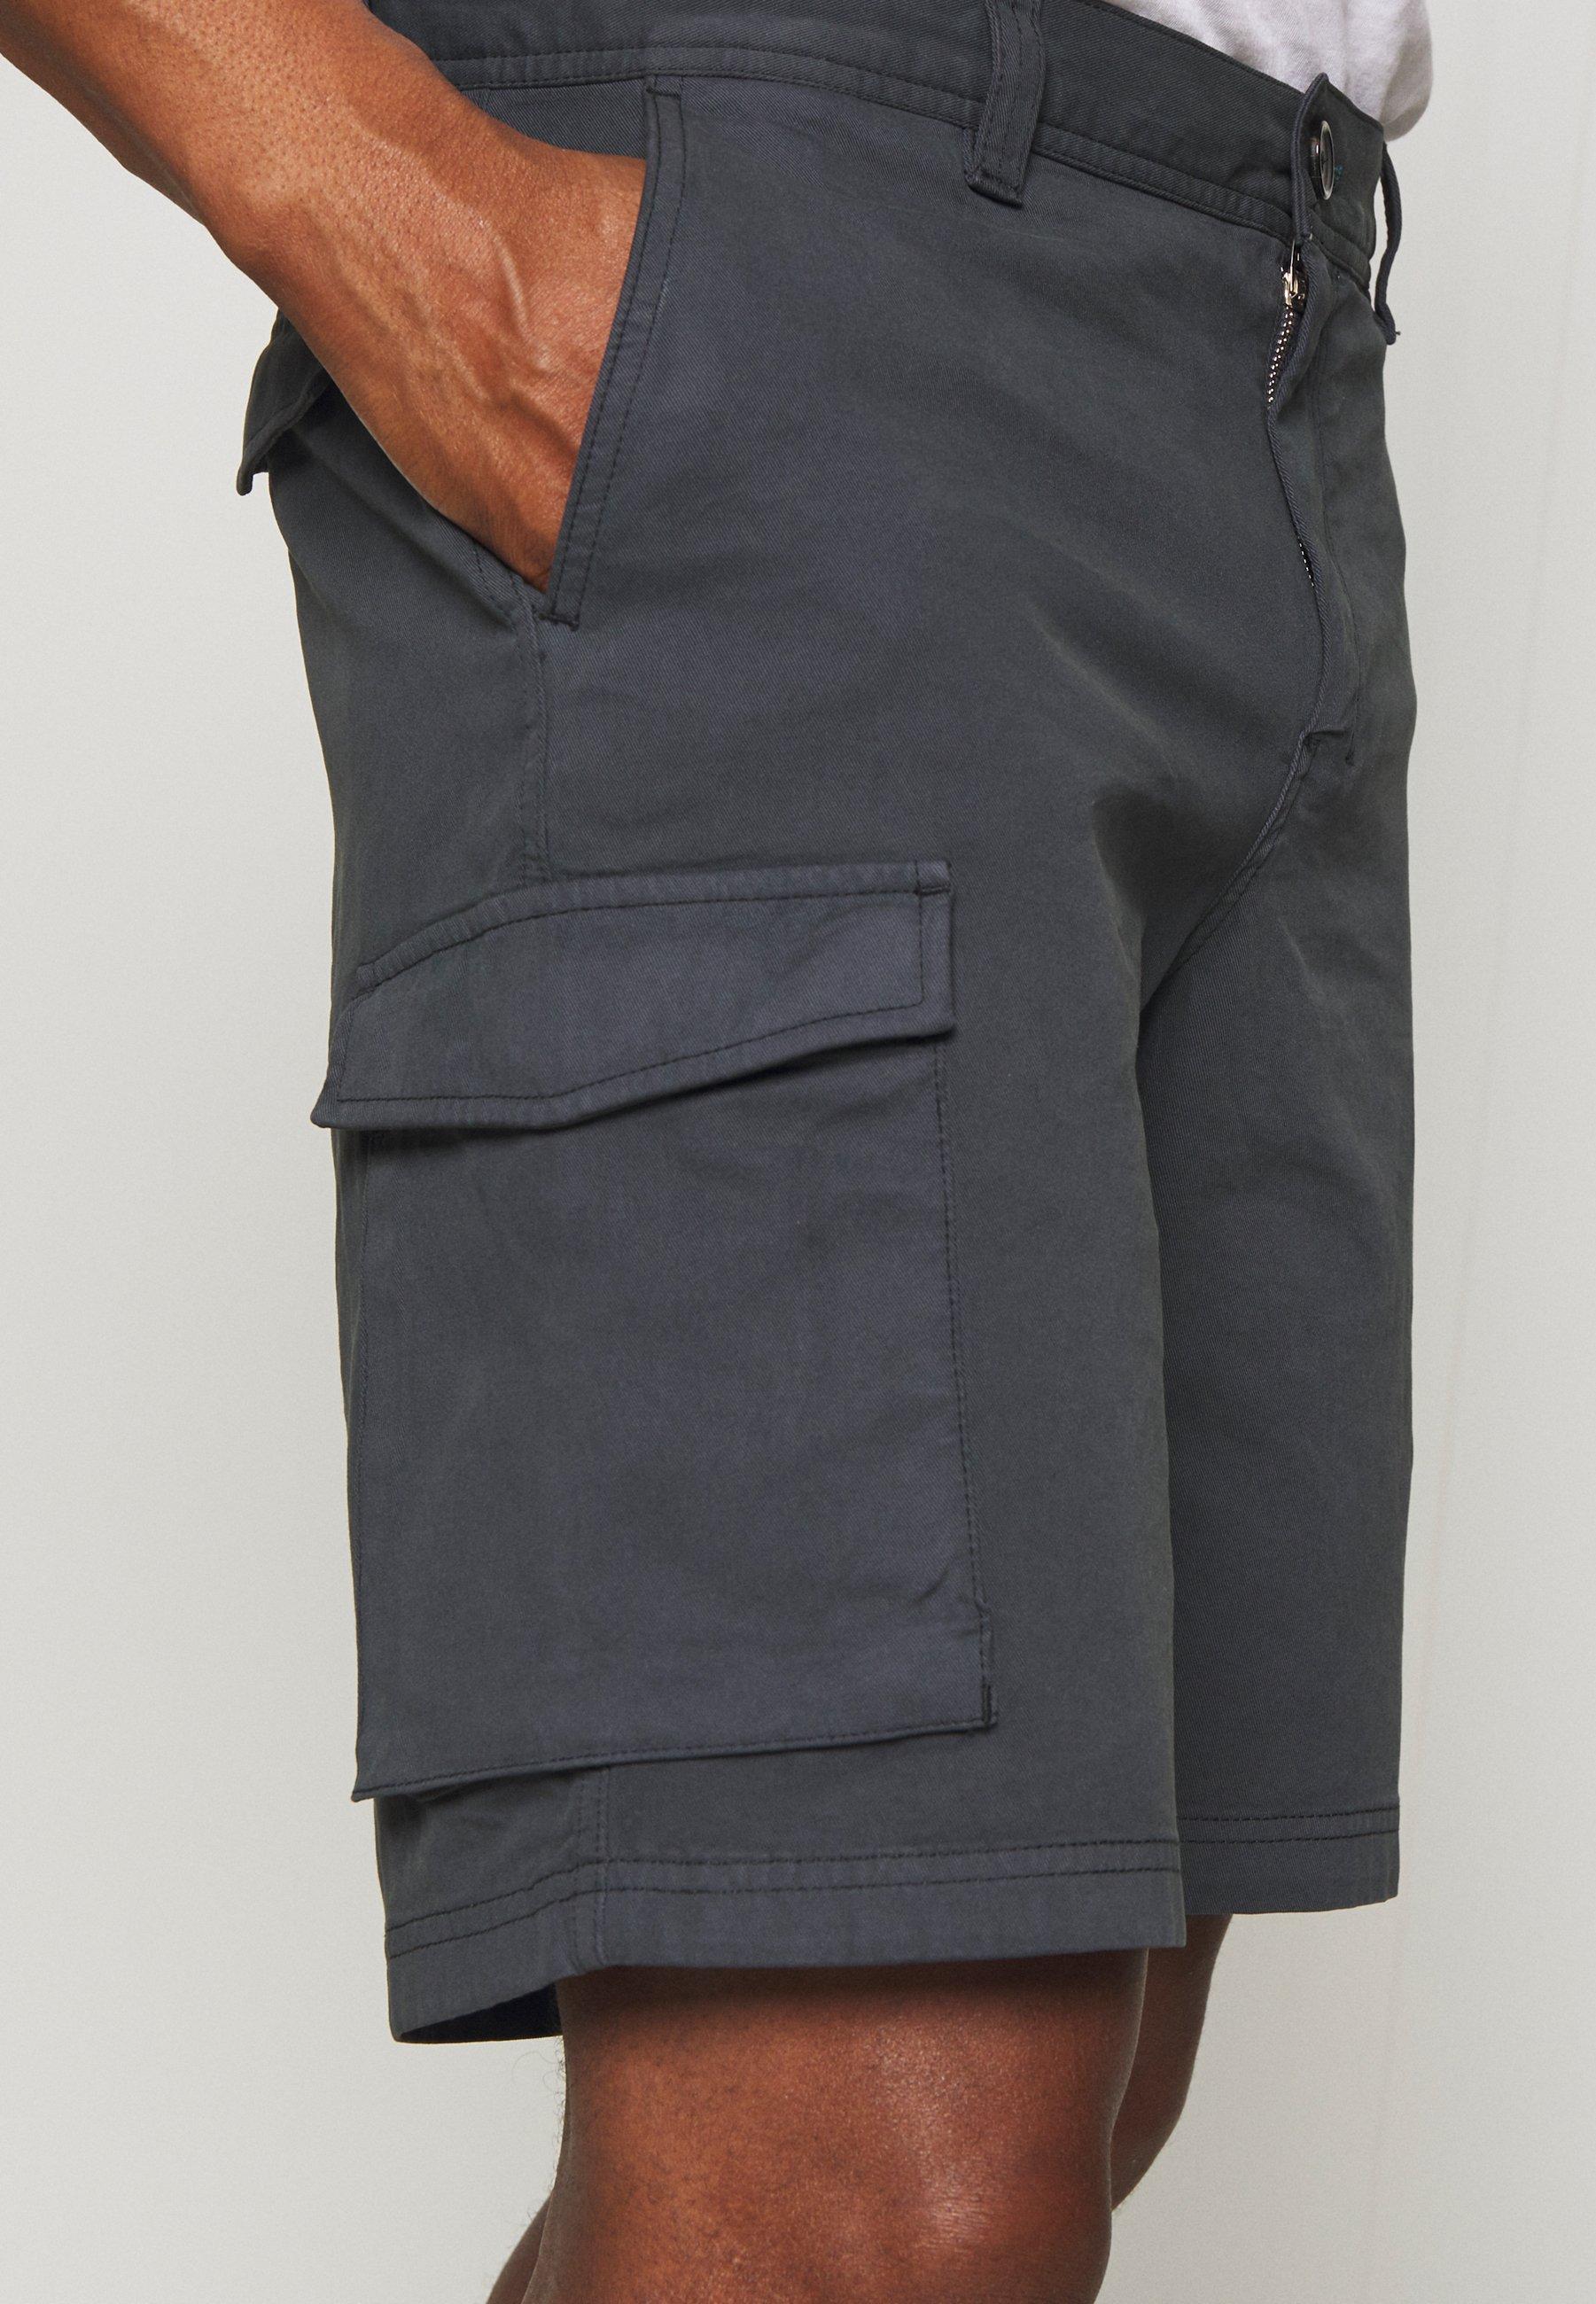 Ps Paul Smith Shorts - Dark Grey 5UVVuui